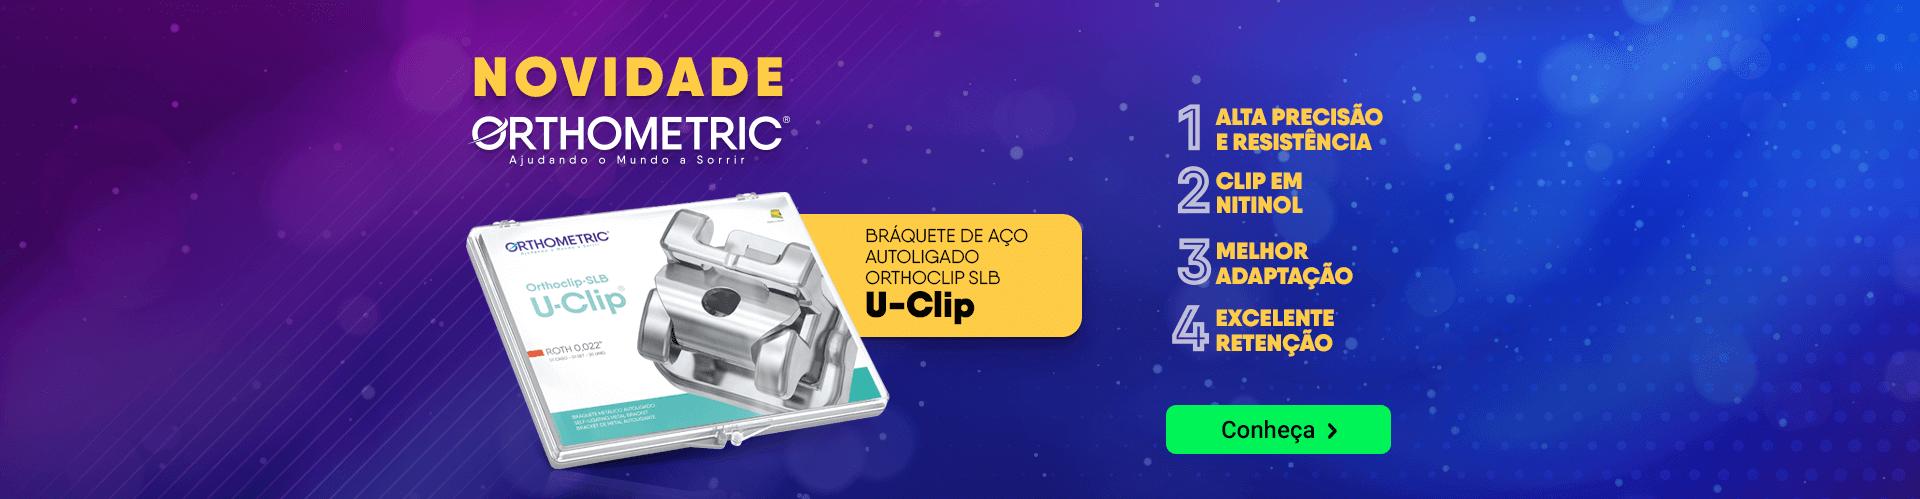 Novidade Orthometric Braquete Autoligado U-Clip com frete grátis | Dental Cremer